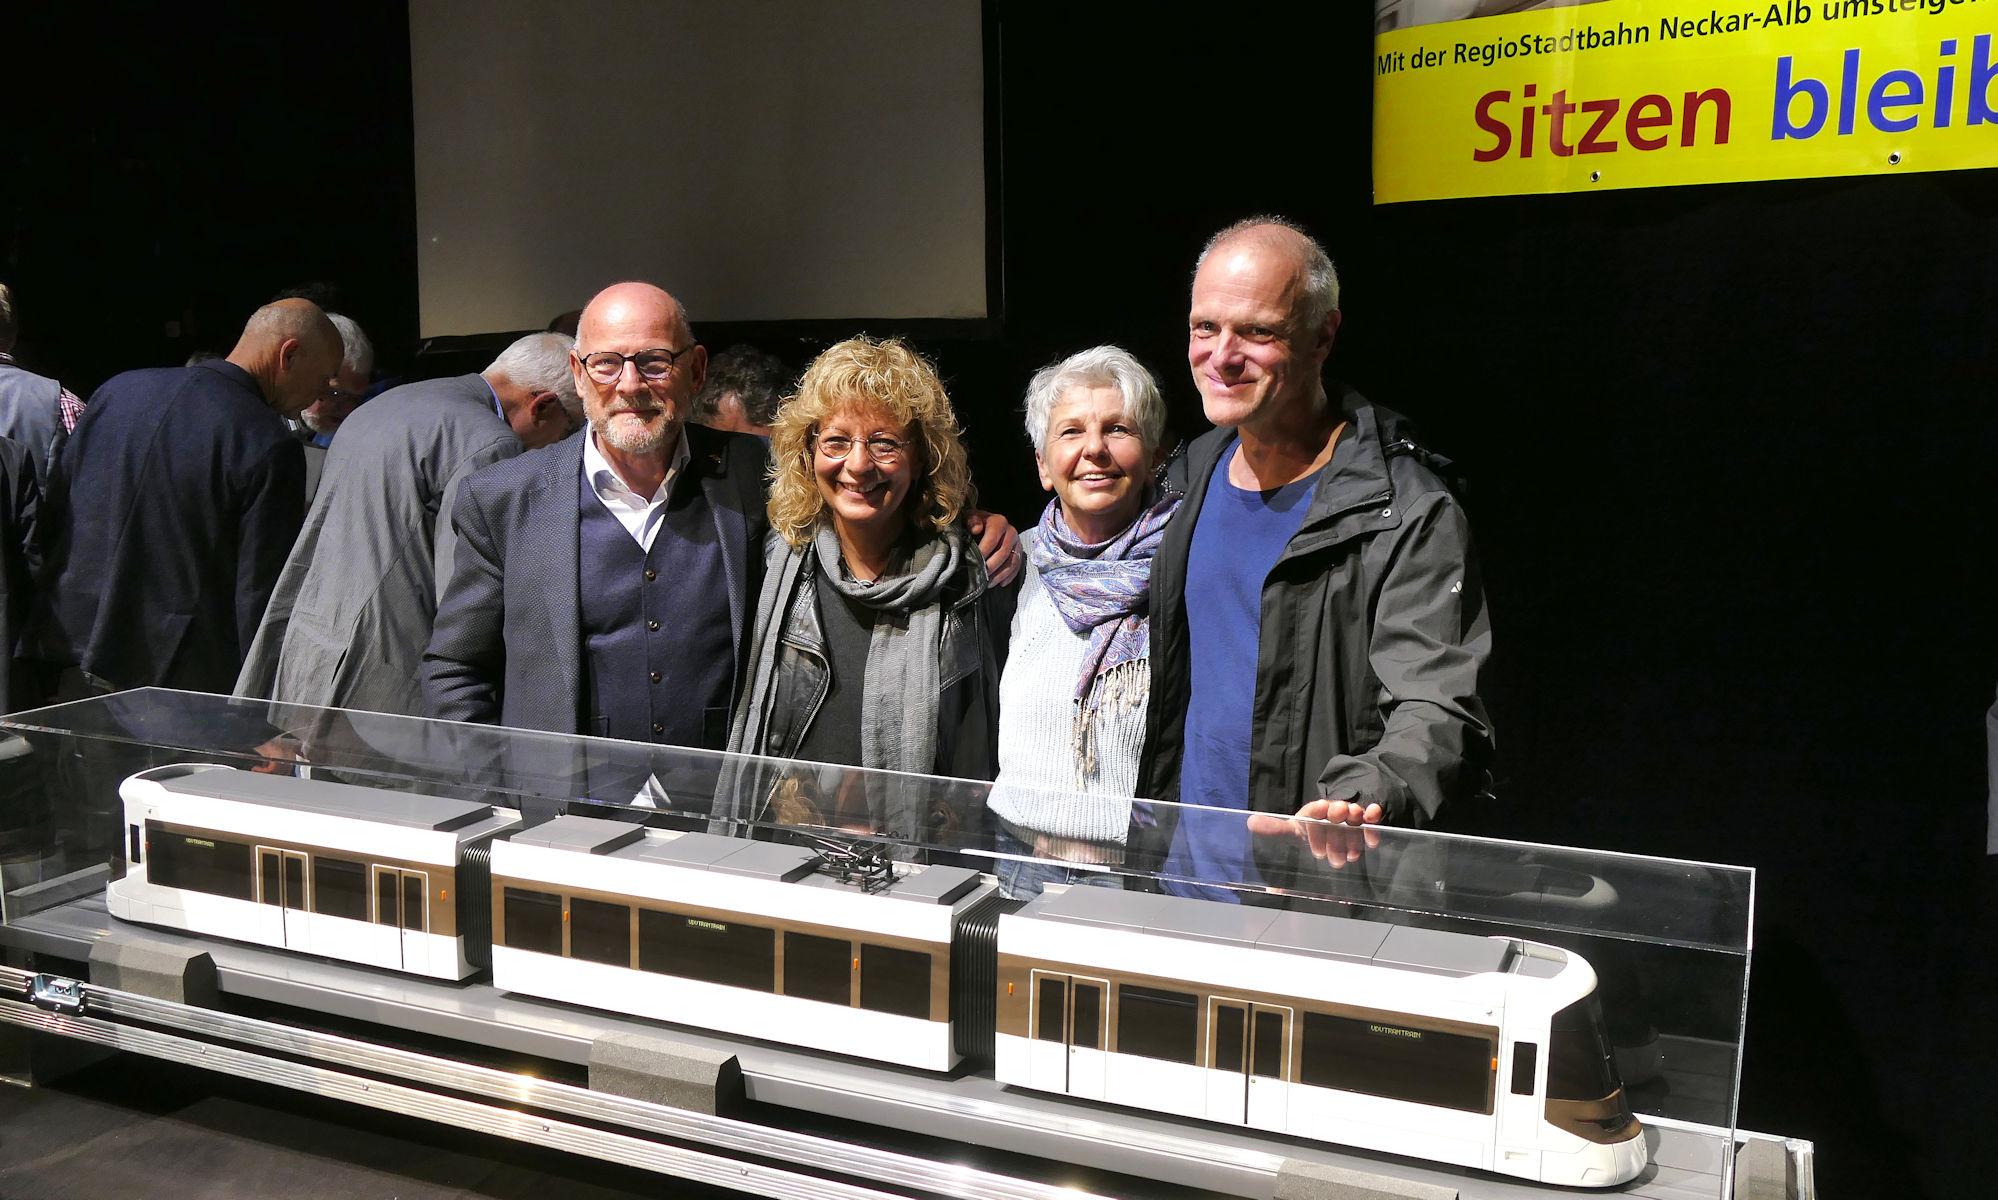 19-10-02_Stadtbahn_Gruppe